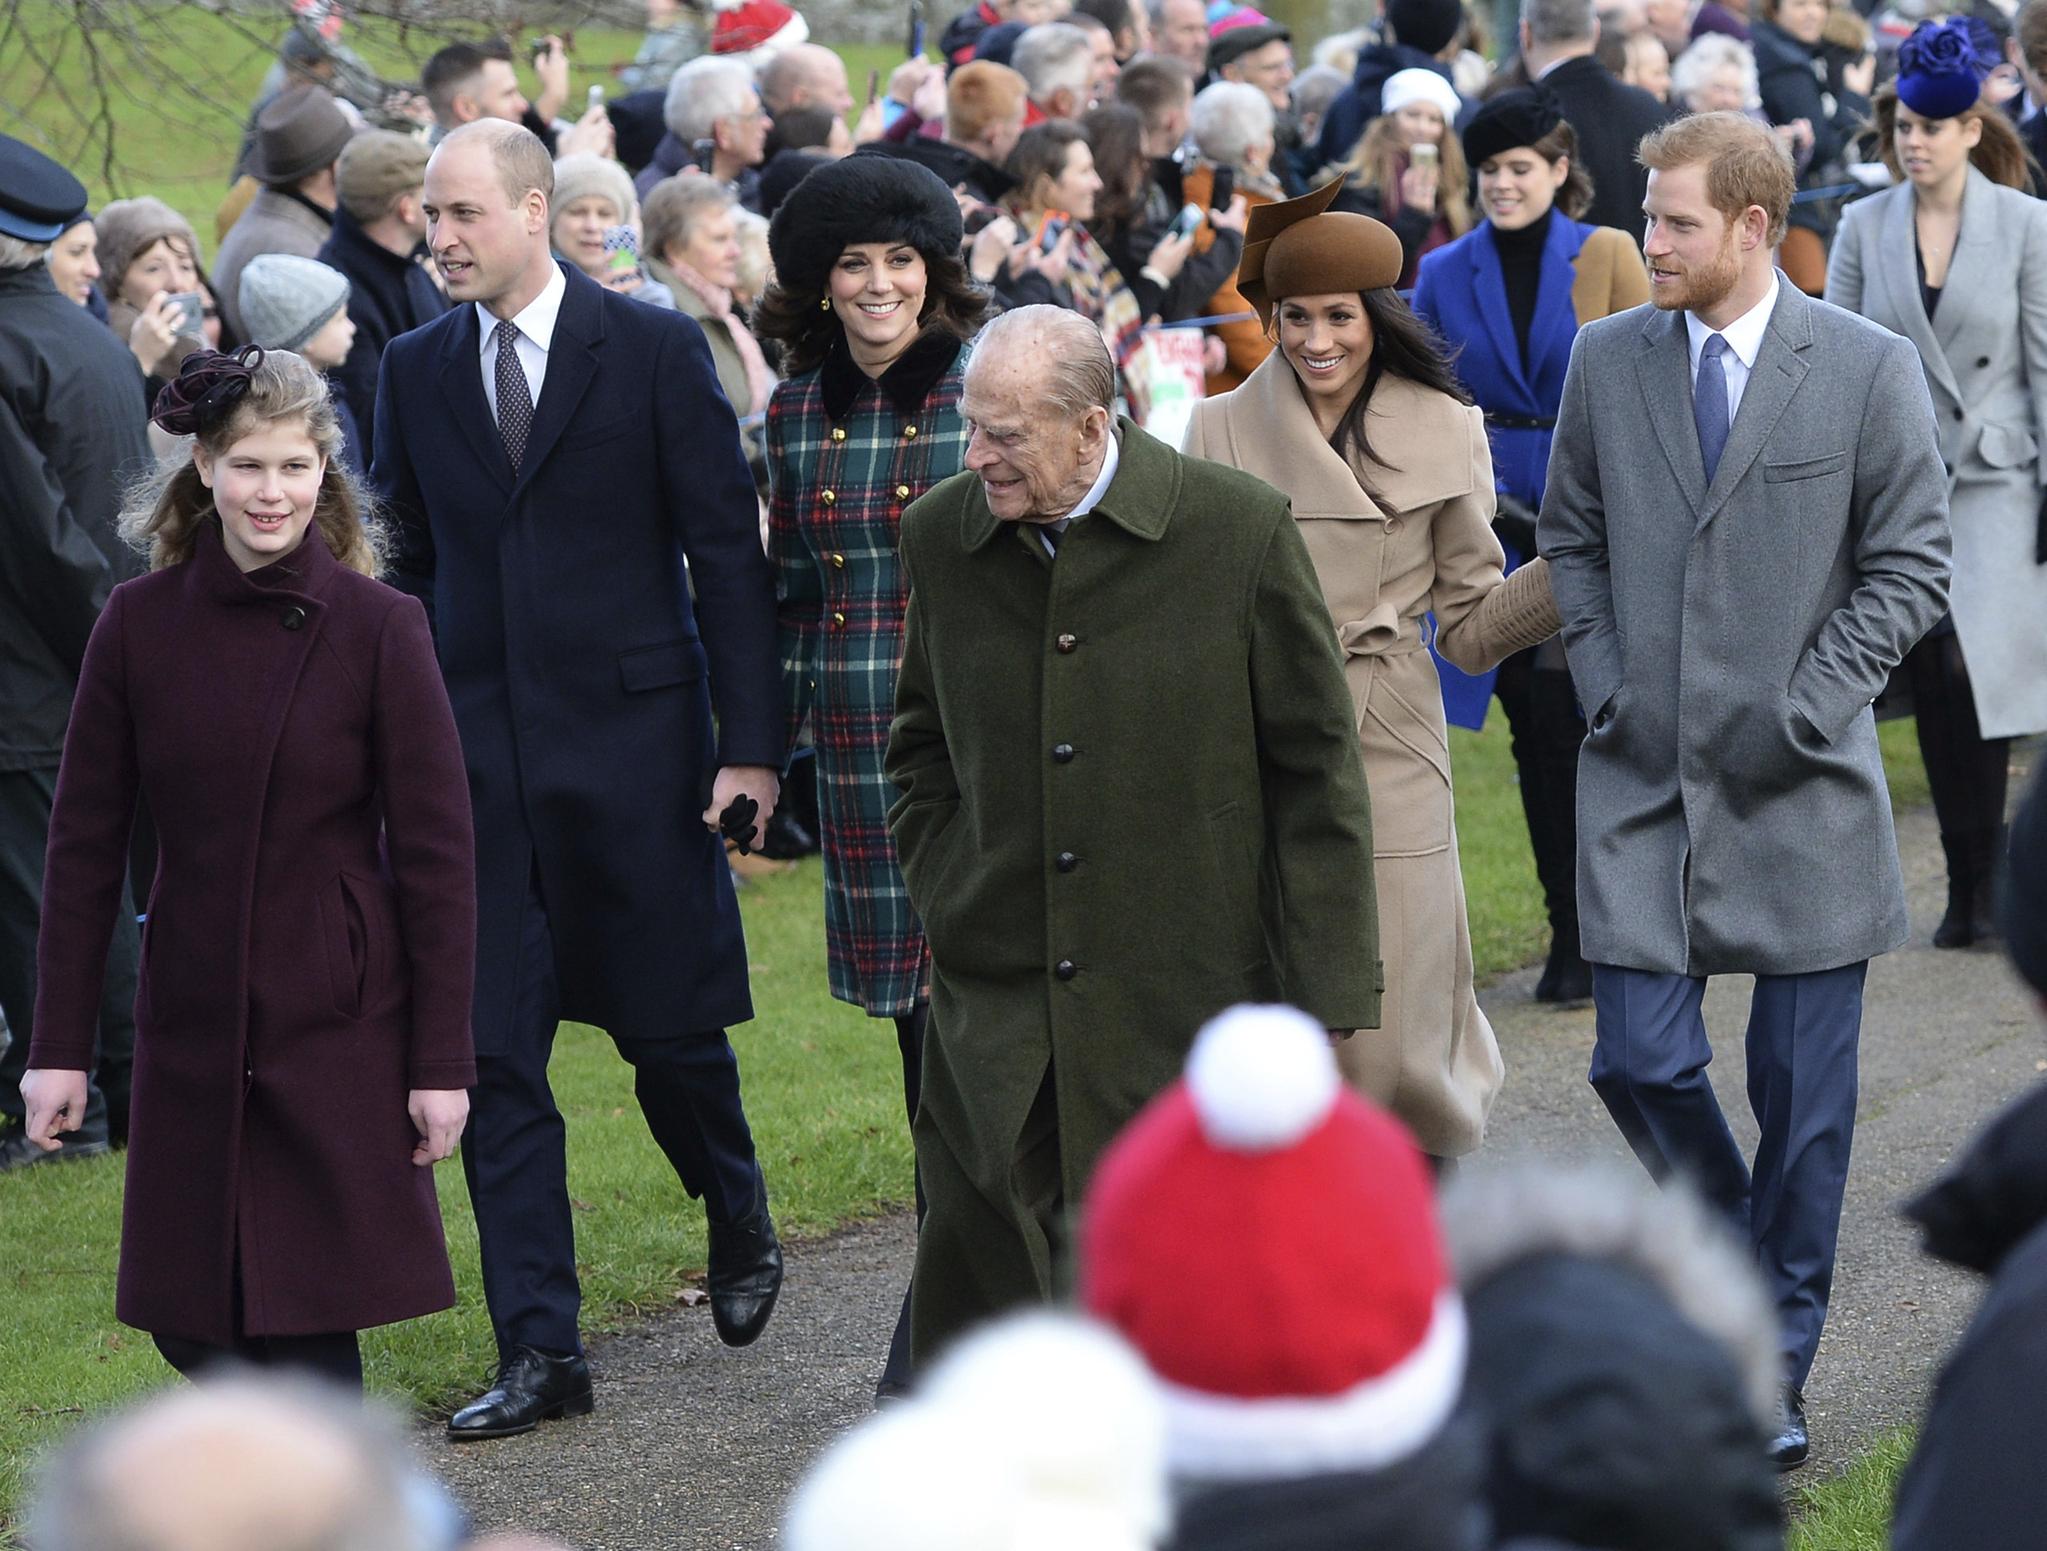 윌리엄 왕세손 부부와 해리 왕자 부부, 엘리자베스 2세 영국 여왕의 남편 필립공(가운데). AP=연합뉴스